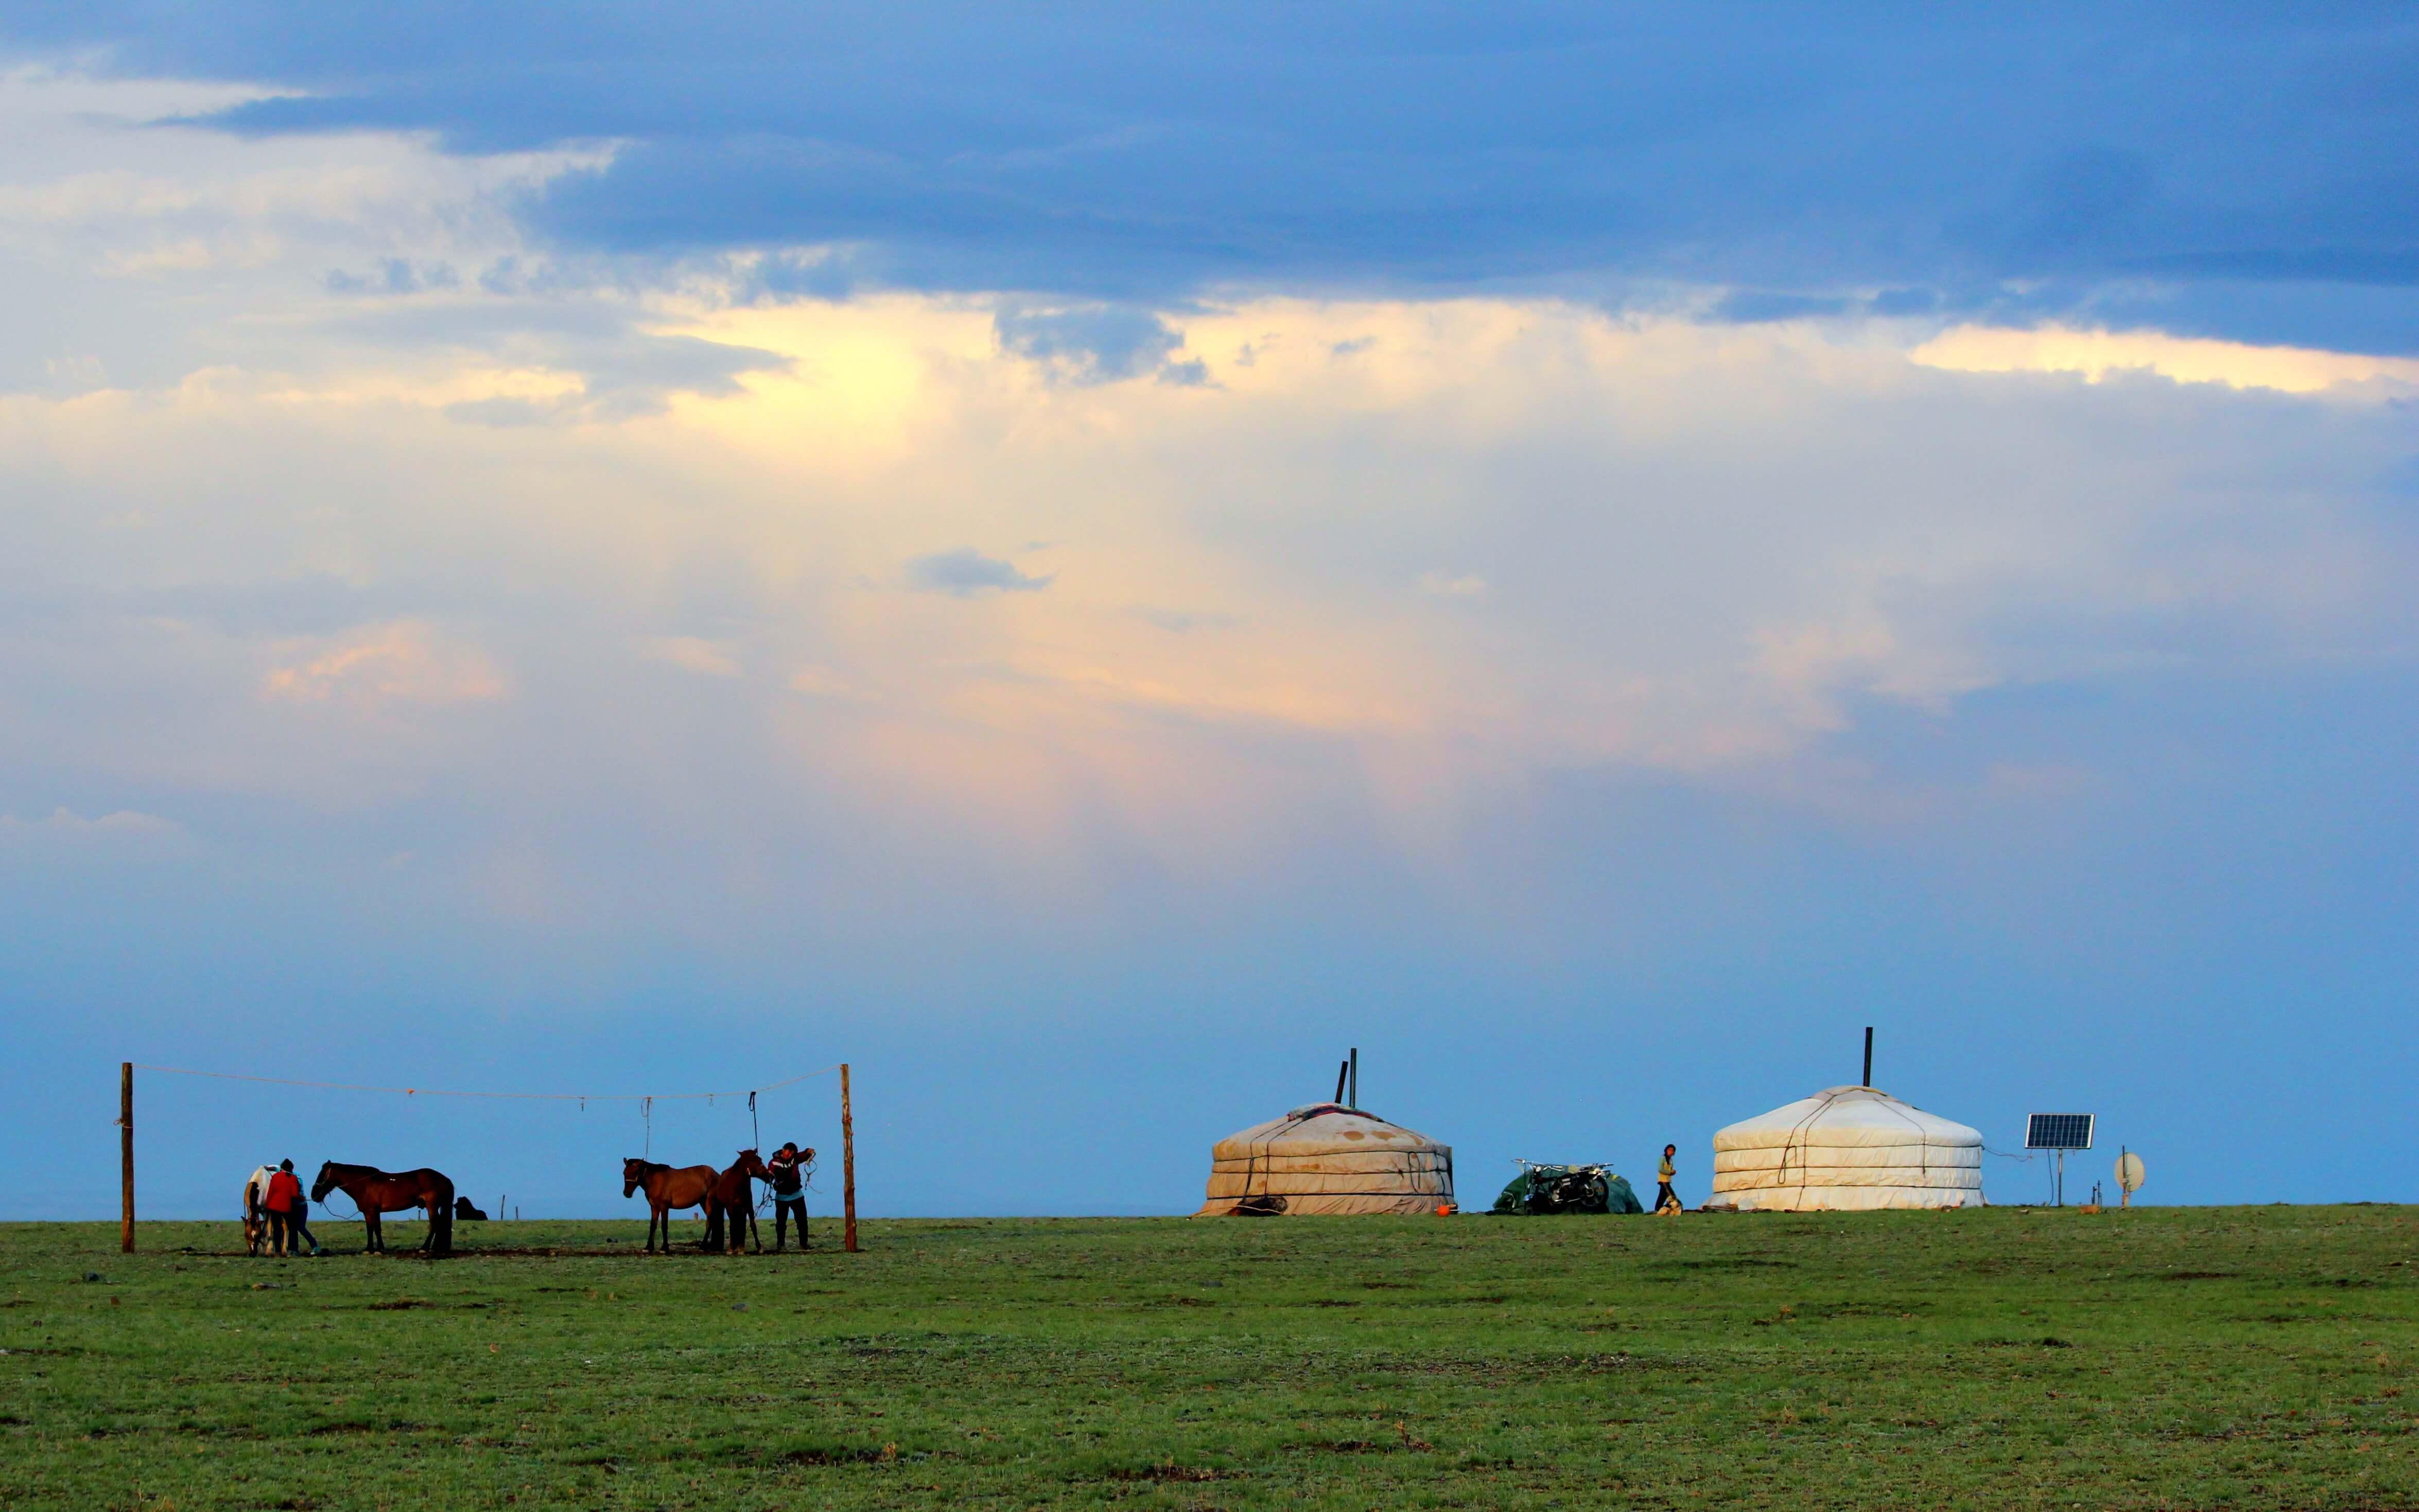 Mongolian namodic people